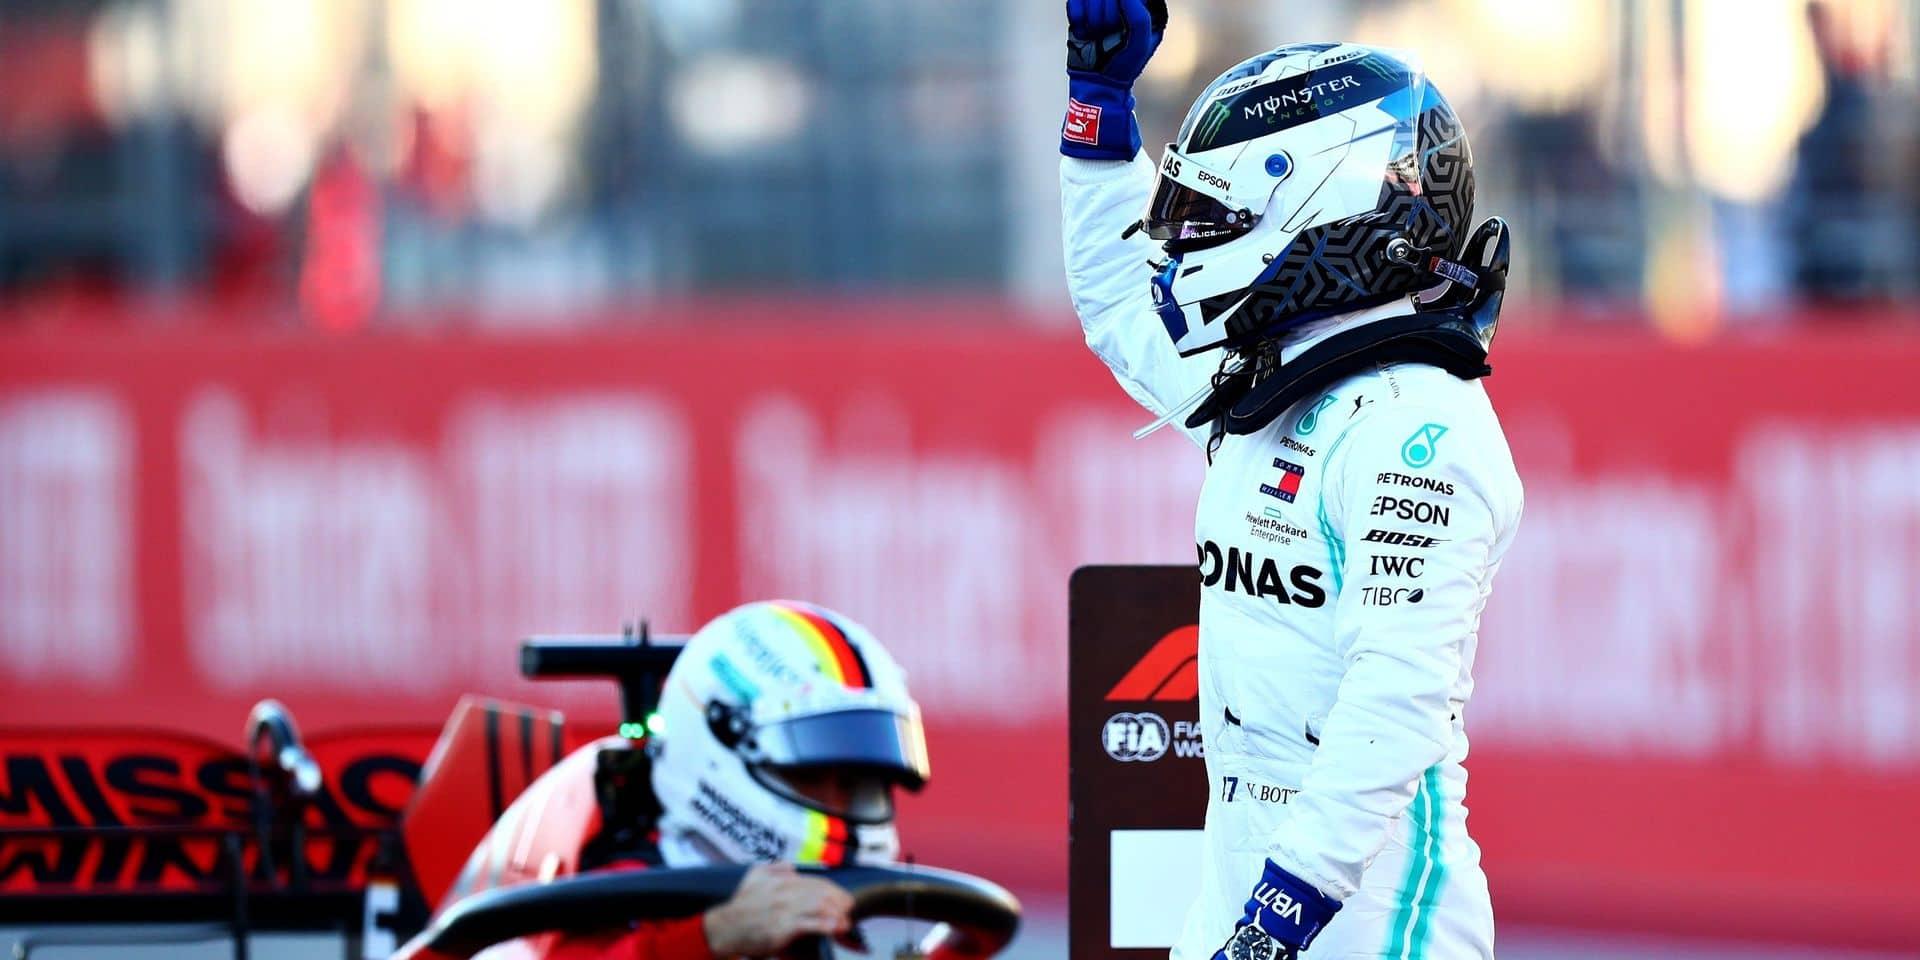 GP des Etats-Unis: la pole pour Valtteri Bottas aux Etats-Unis, Lewis Hamilton cinquième